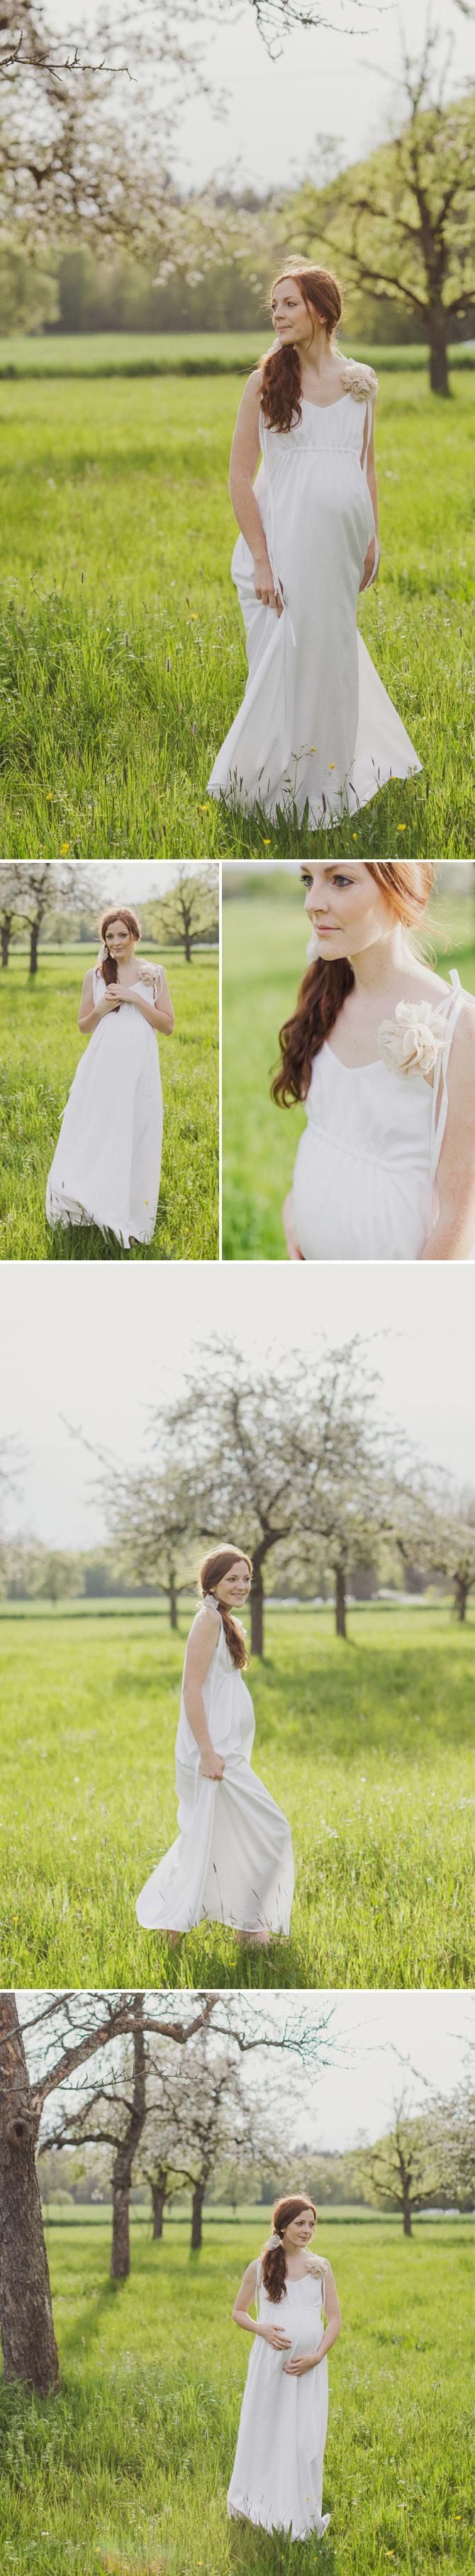 Brautkleider für Schwangere. Bei der Erstellung der Kollektion haben ...